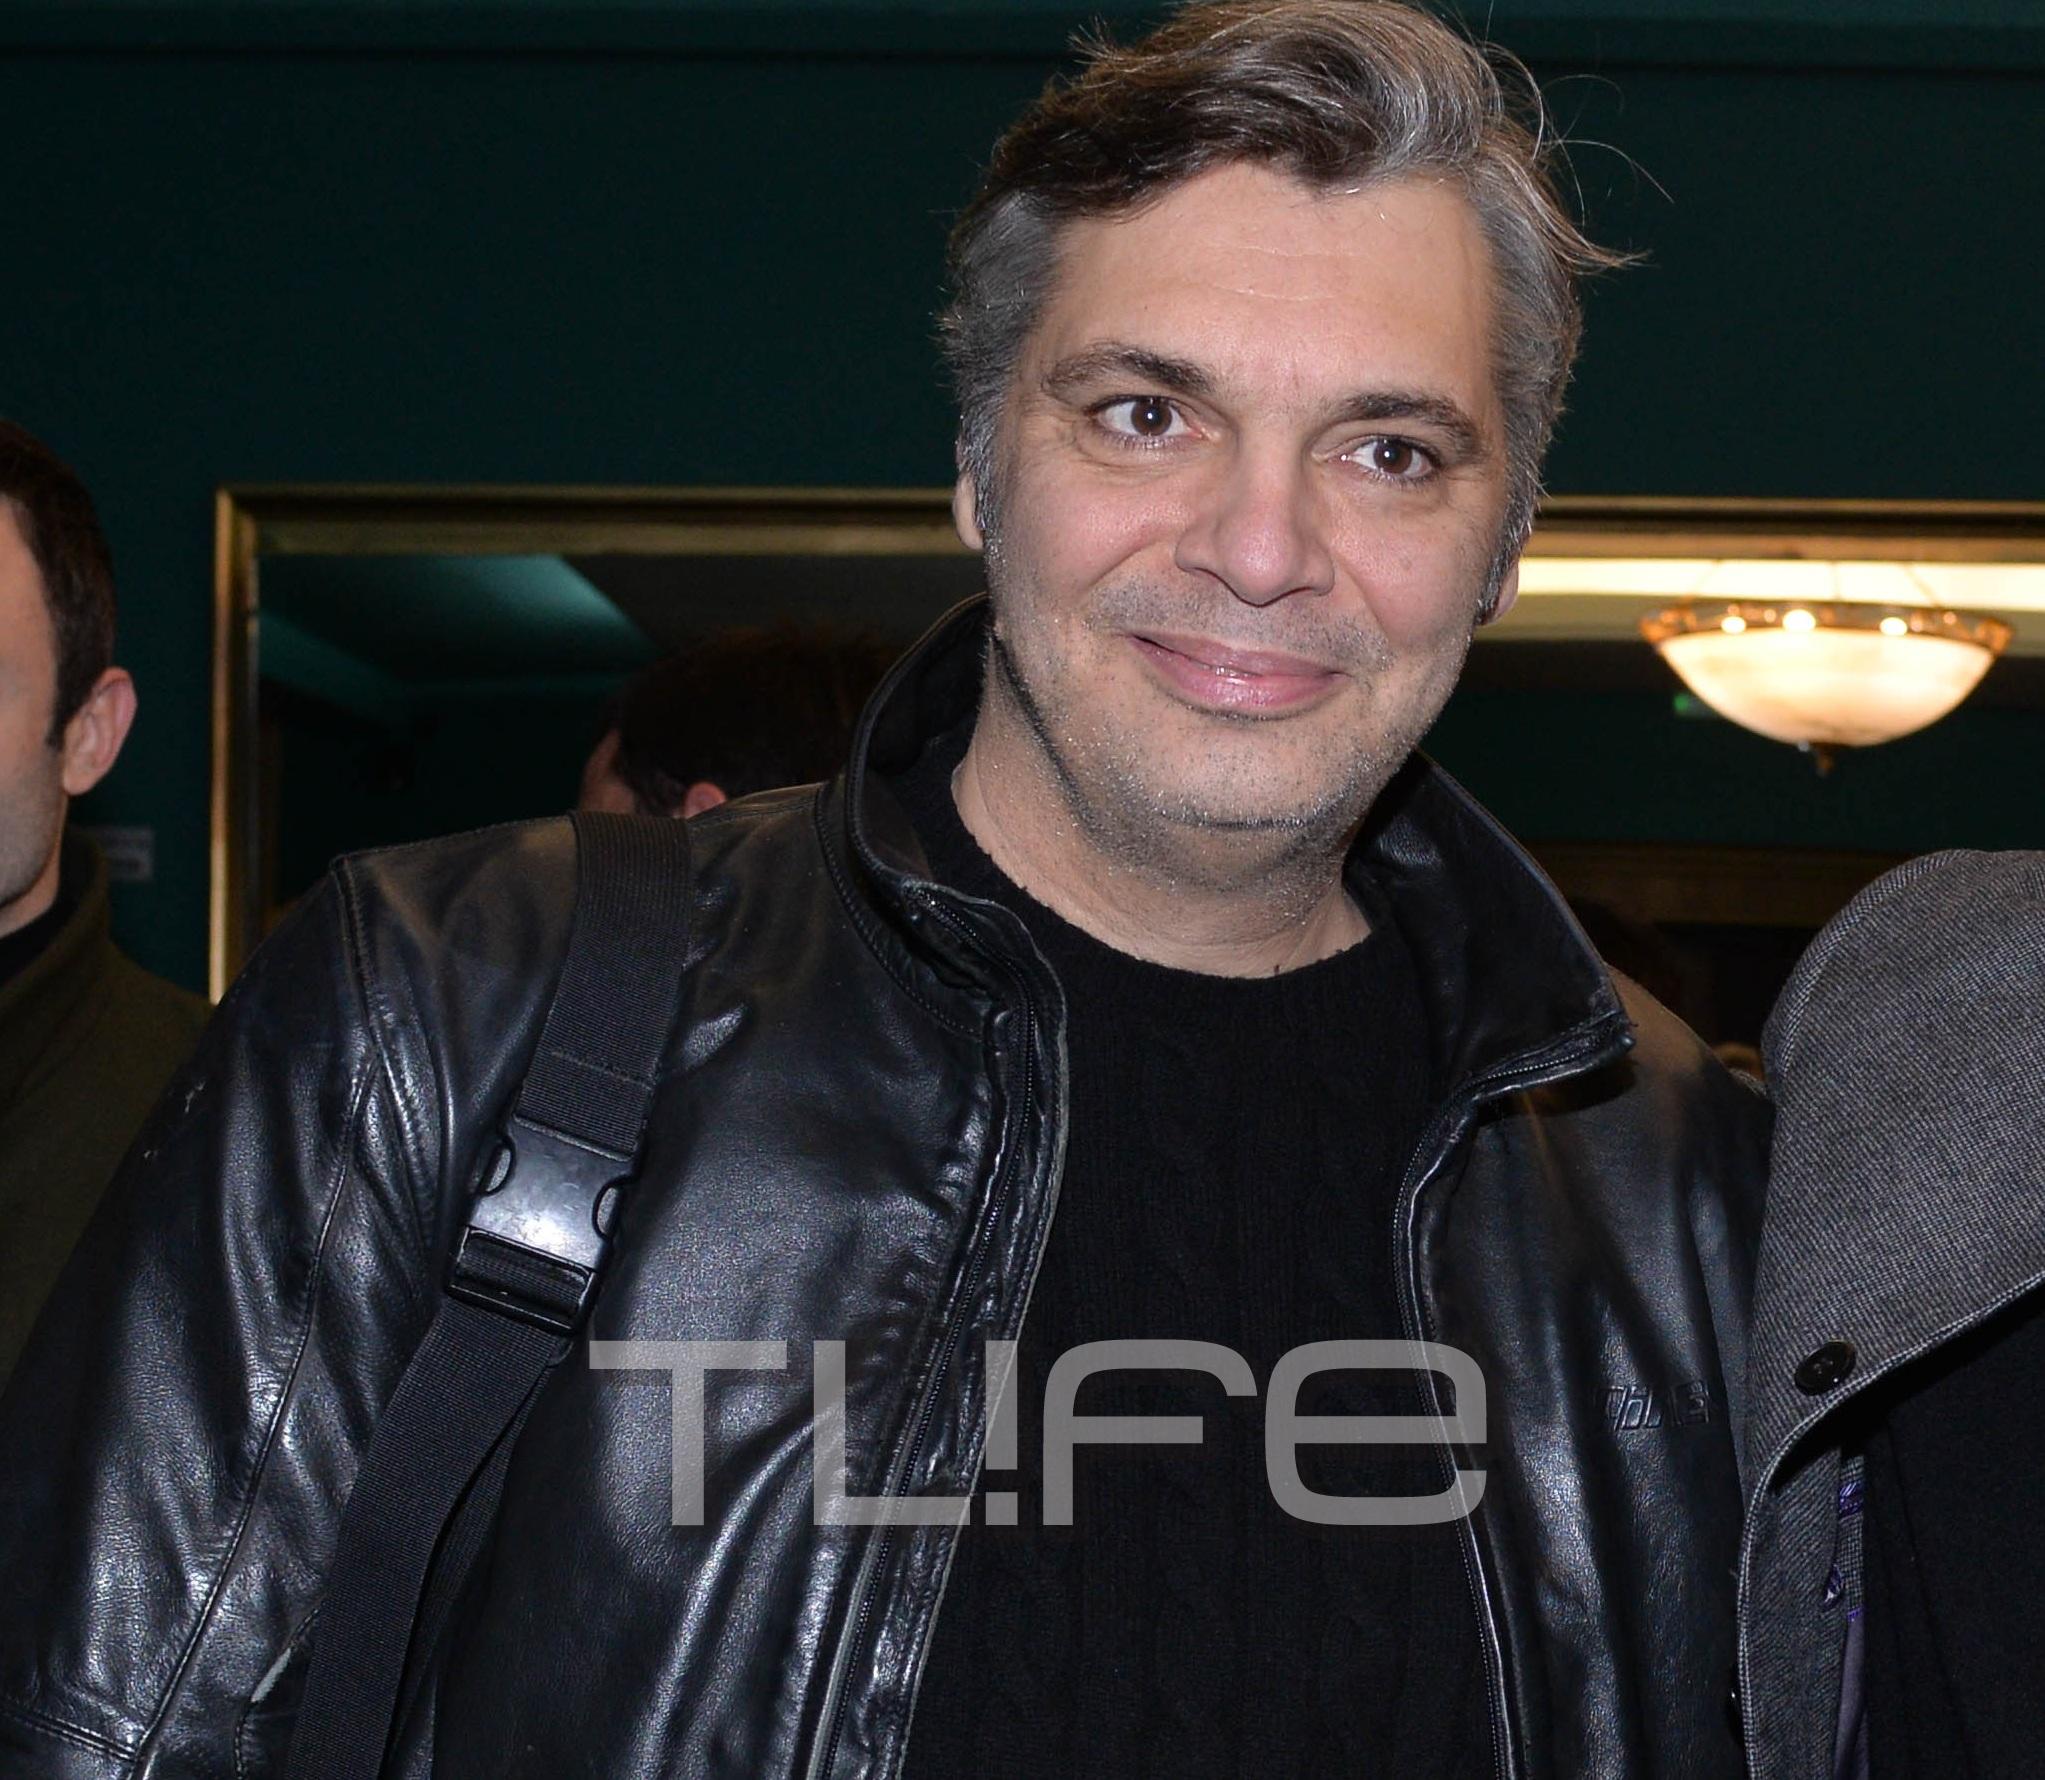 Άλκης Κούρκουλος: Με ποια πρώην σύντροφό του επίσης ηθοποιό, πόζαρε στο φωτογραφικό φακό; [pics]